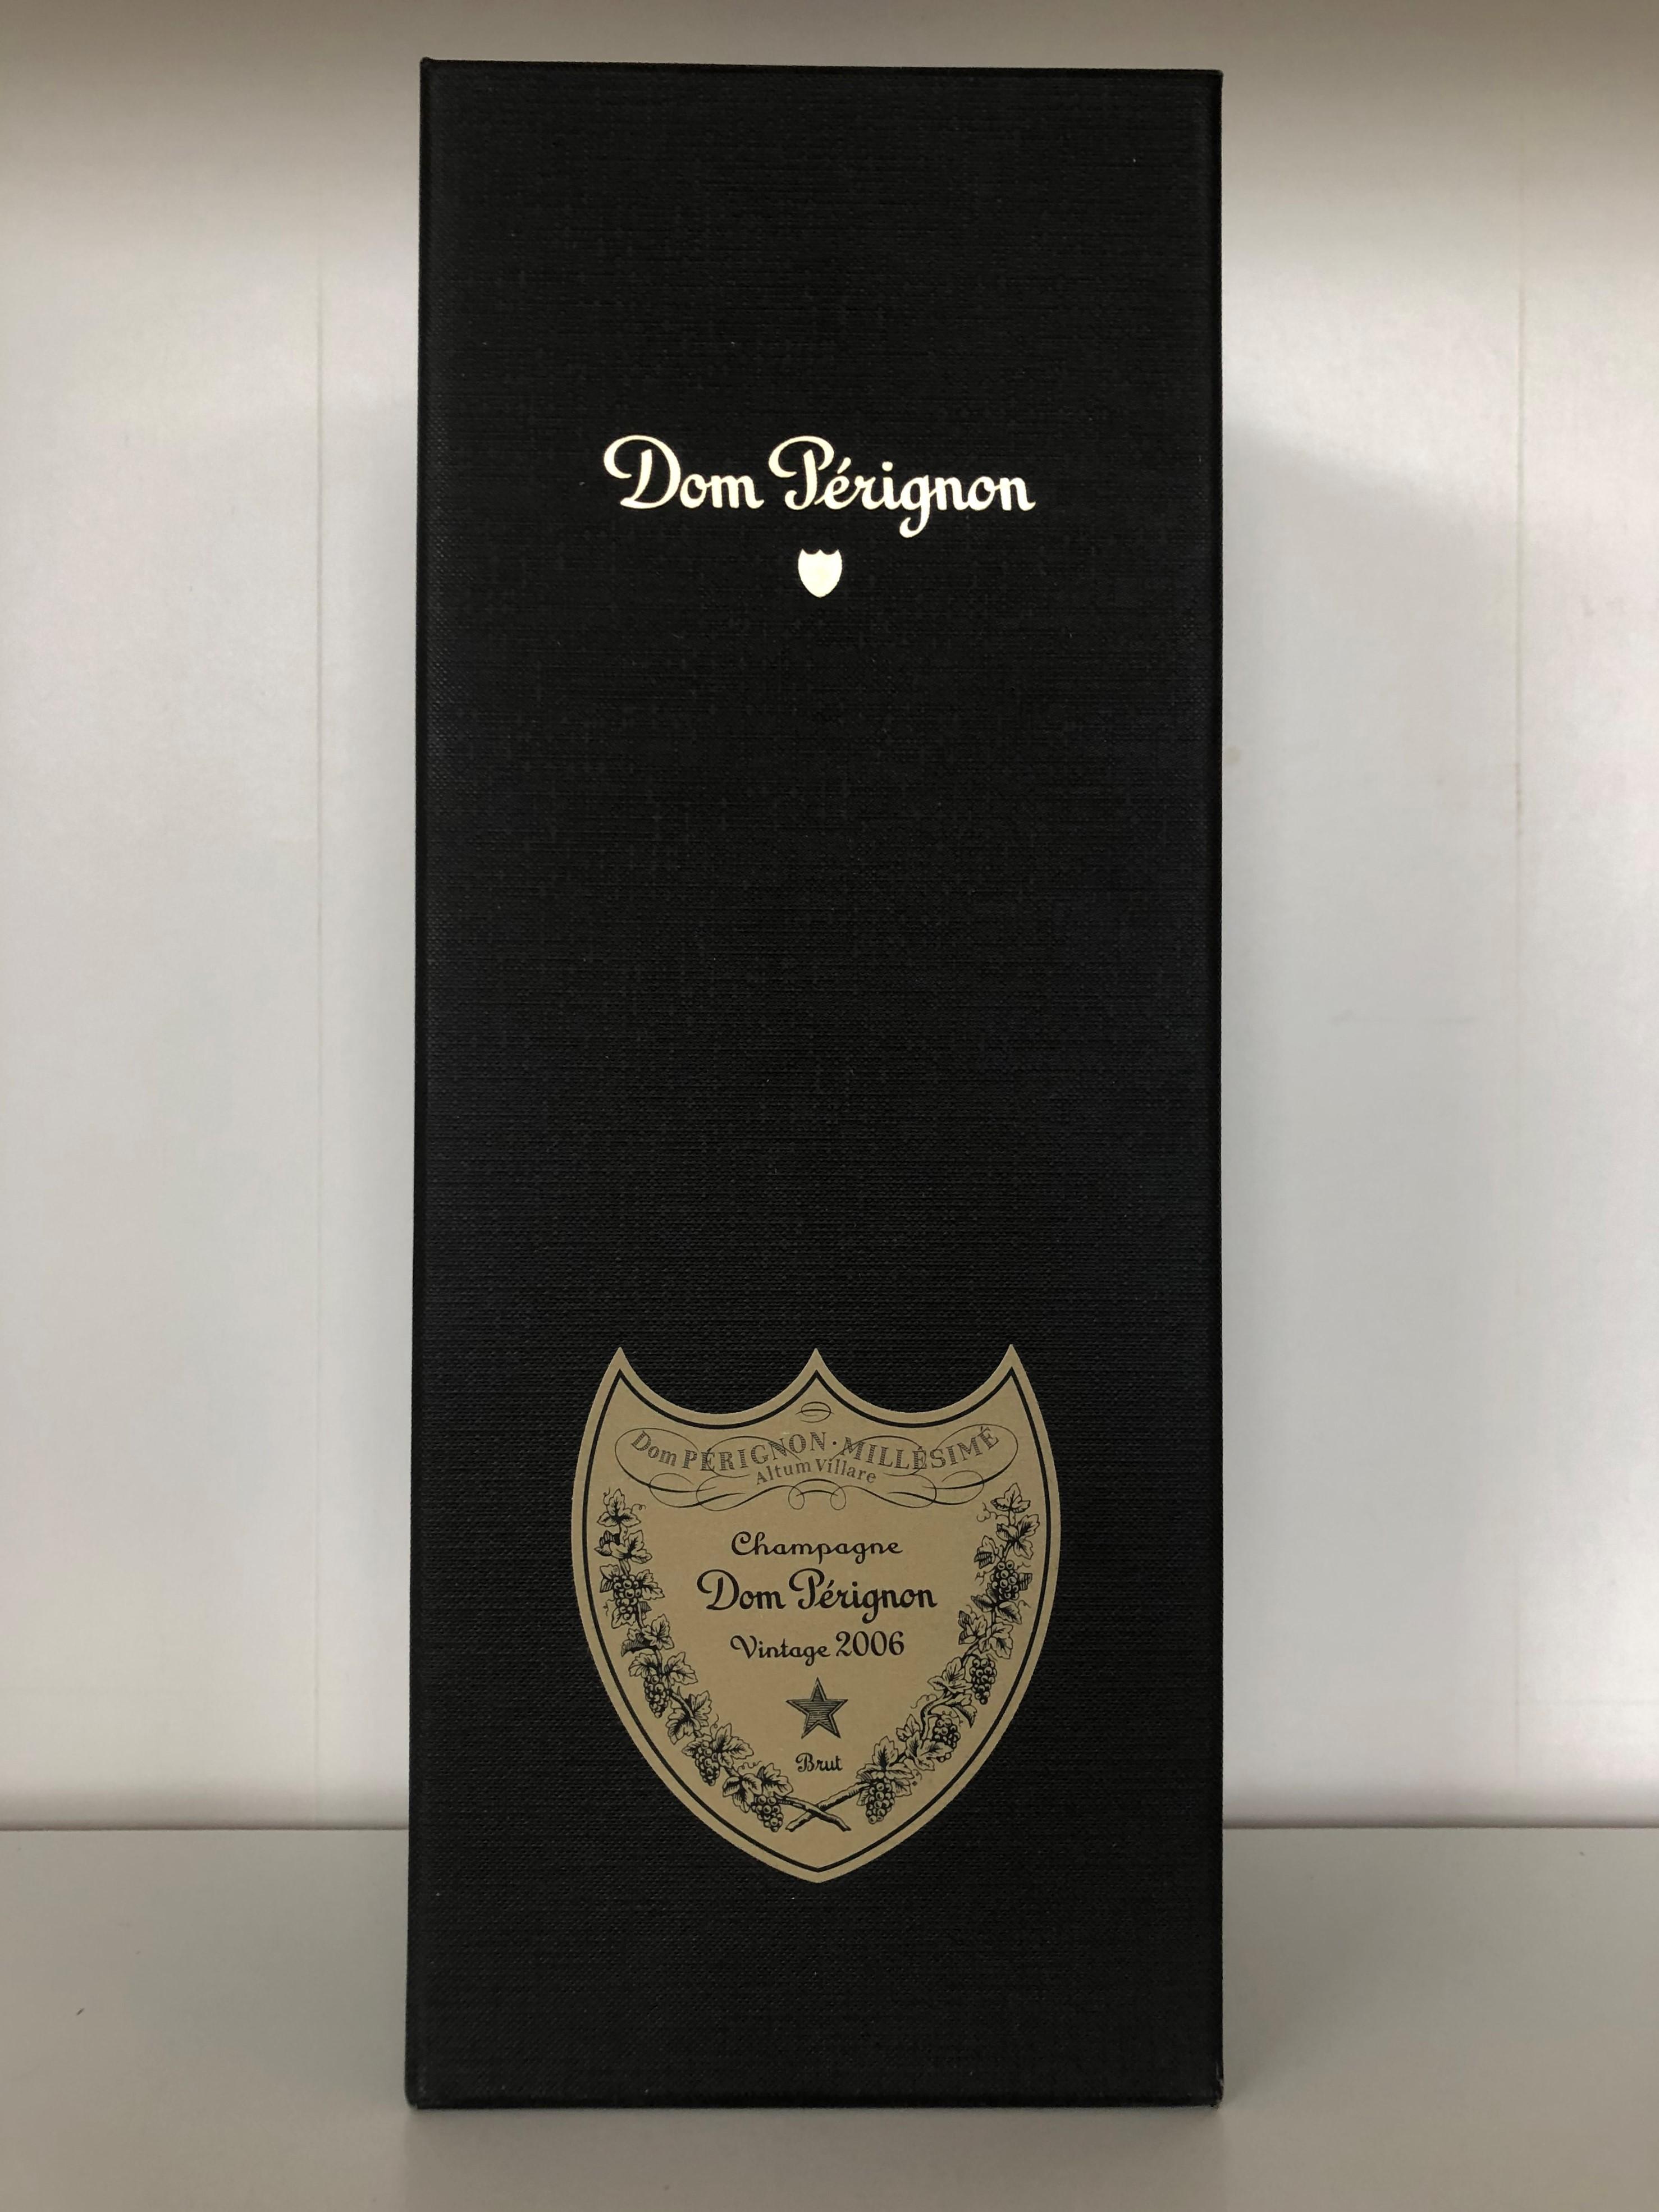 Lot 6 - 2006 Dom Perignon, Moet et Chandon, Champagne, France, 1 bottle